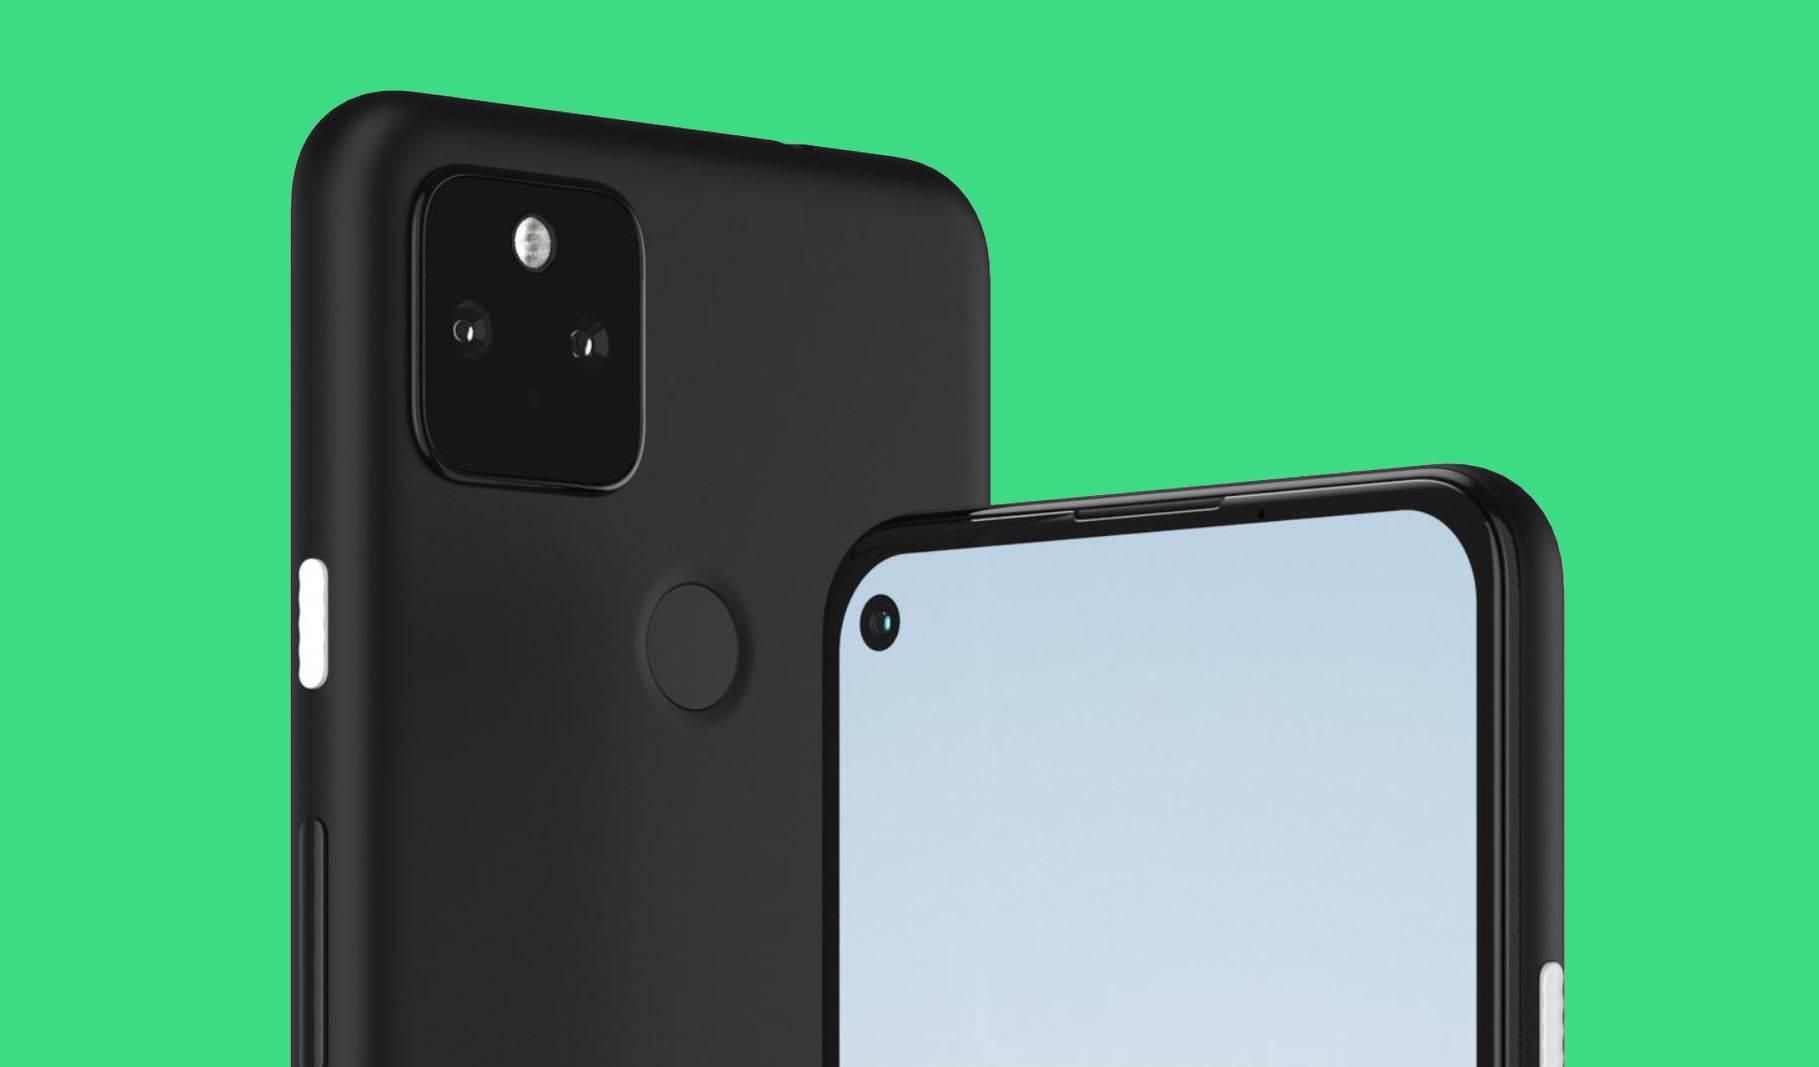 Google Pixel 5a: Immer Sommer soll es kommen, aber keine neuen Pläne